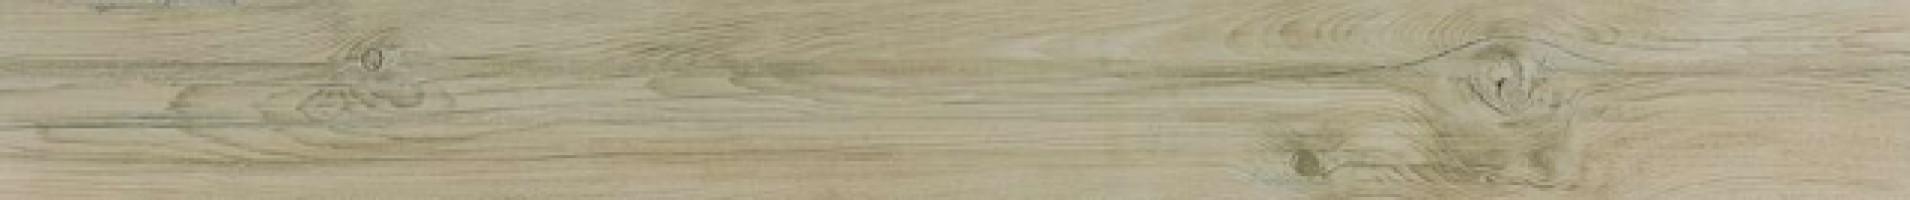 Керамогранит напольный Porcelanosa Manhattan Maple 19.3x180 P1670016